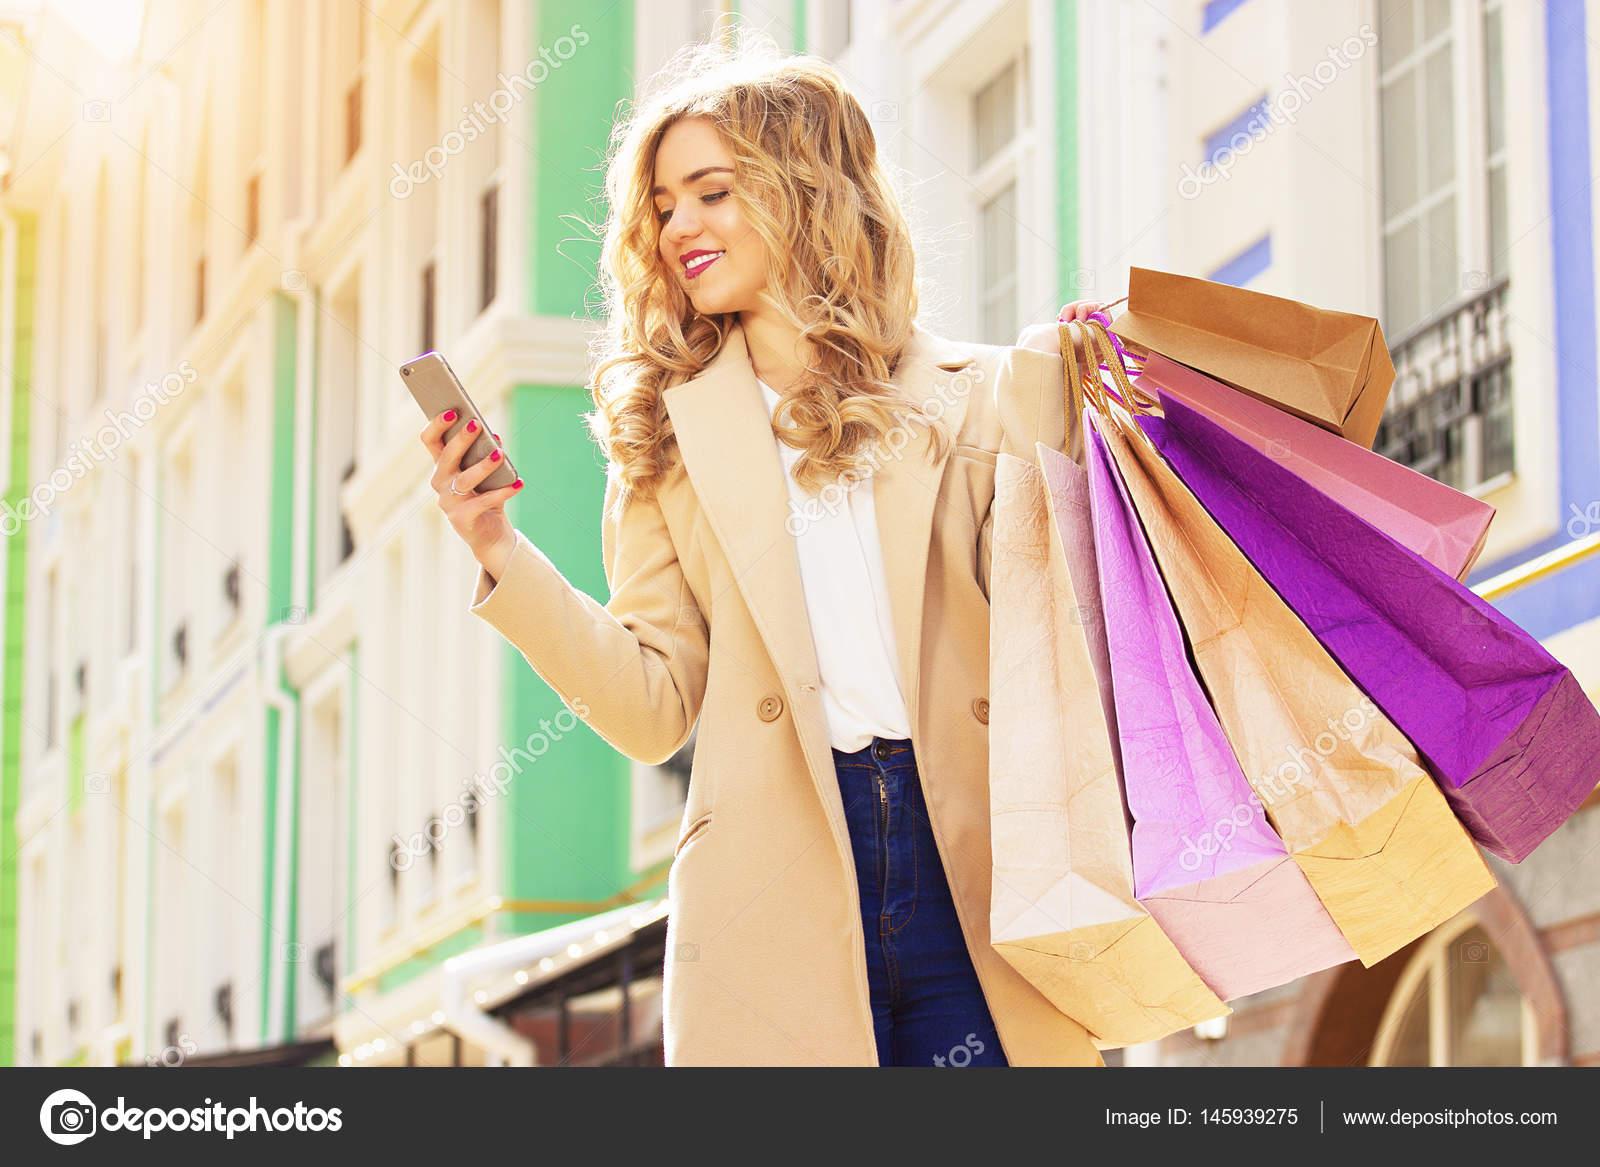 78b929c1a7 Přejeme vám příjemné · Krásná dívka procházky městem s nákupy. Černý pátek  nakupování — Fotografie od ...